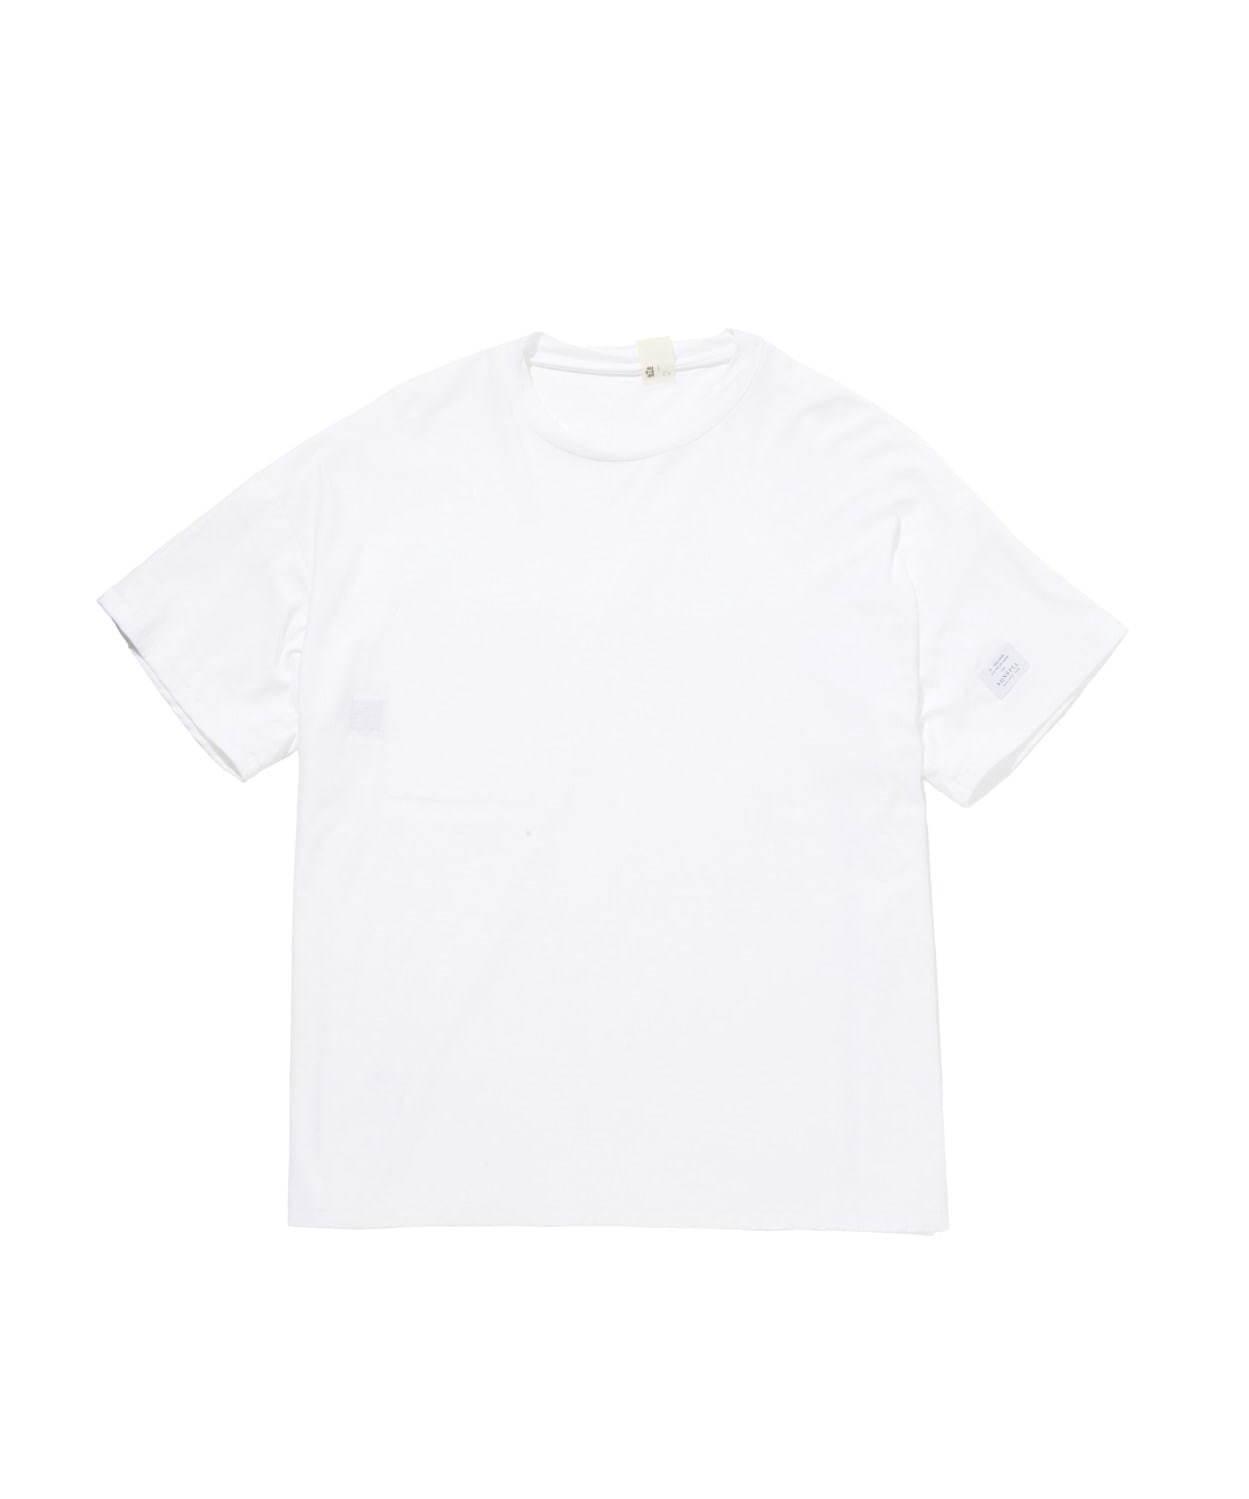 シャツ おすすめ ブランド t